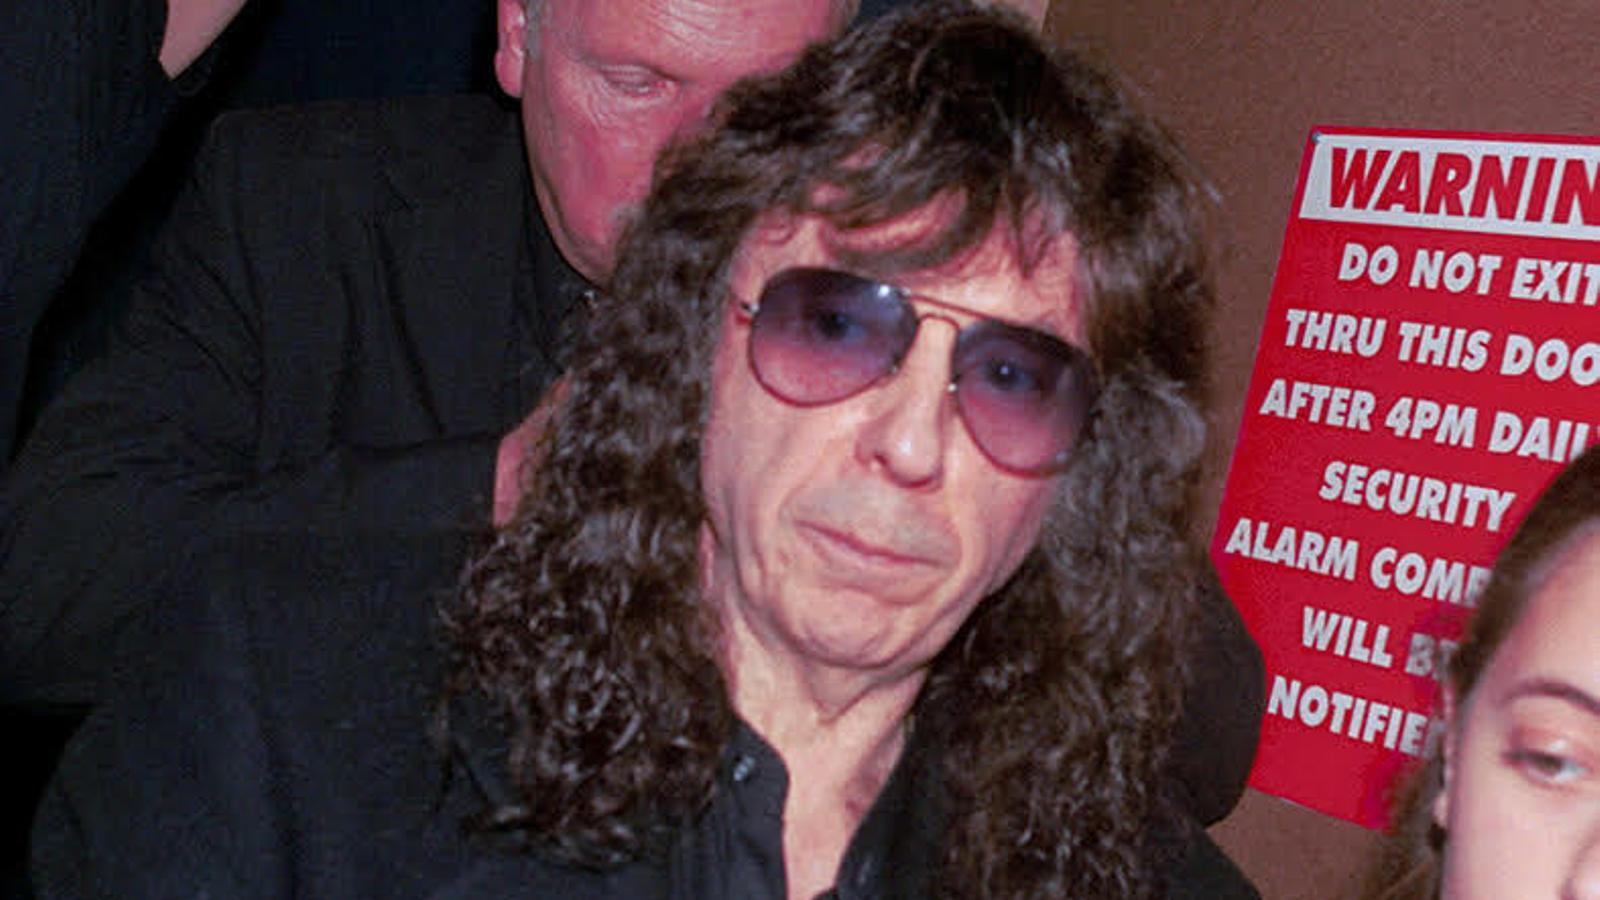 Philip Spector quan va ser arrestat per l'assassinat d'una dona el 2009